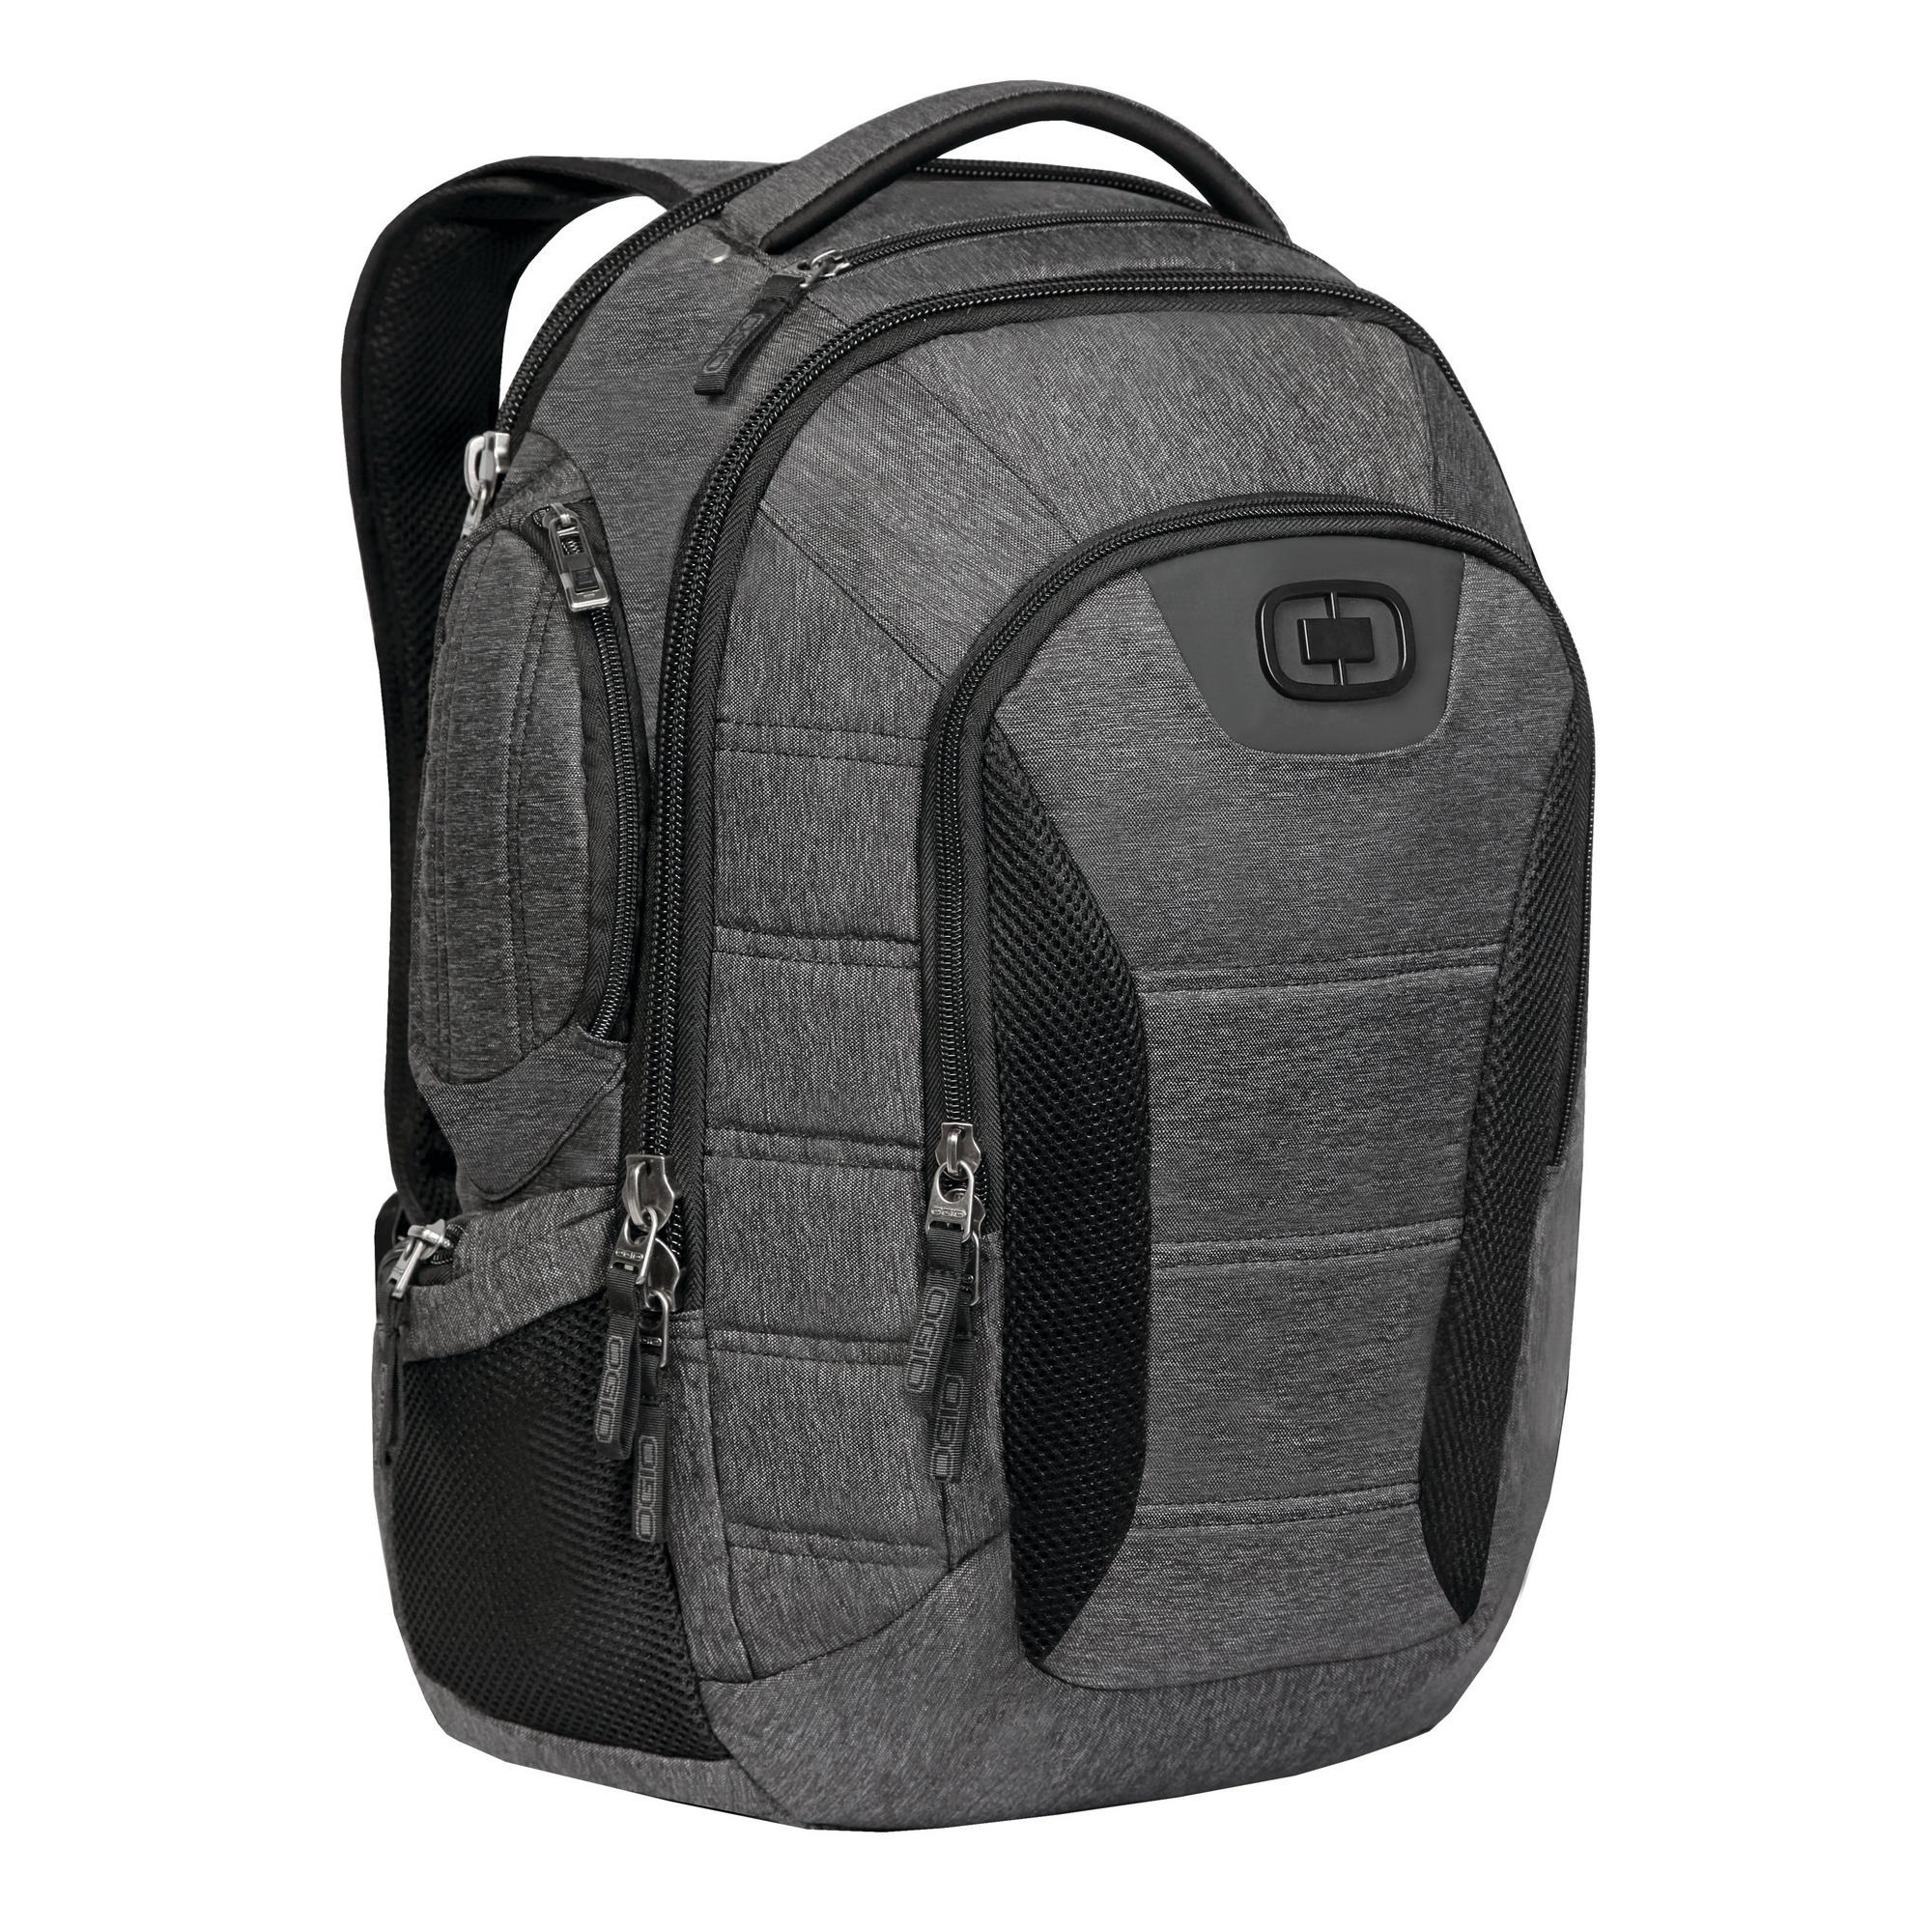 Bandit Pack Backpack